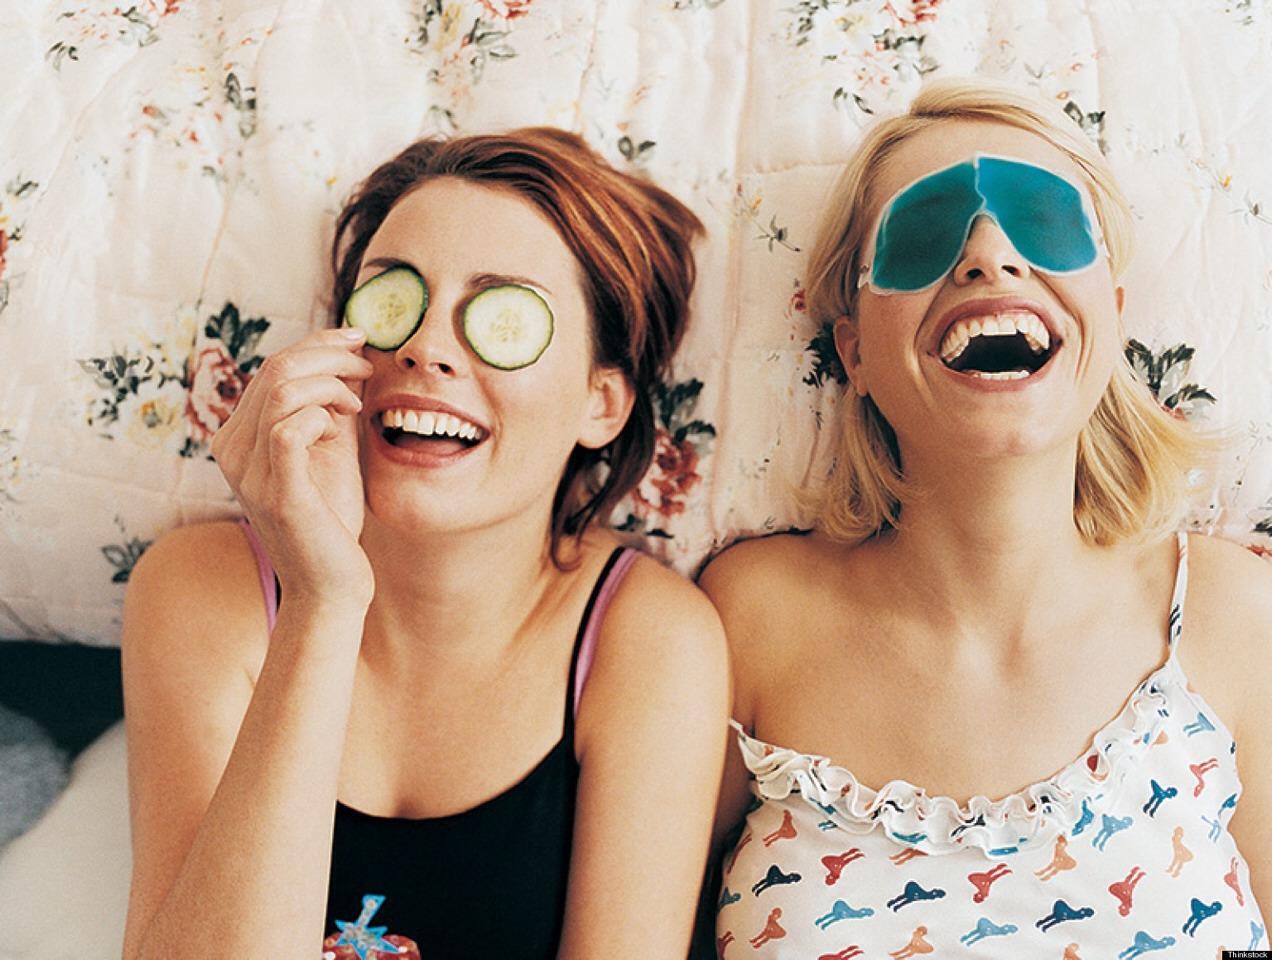 Счастливого пути, смешные картинки бьюти